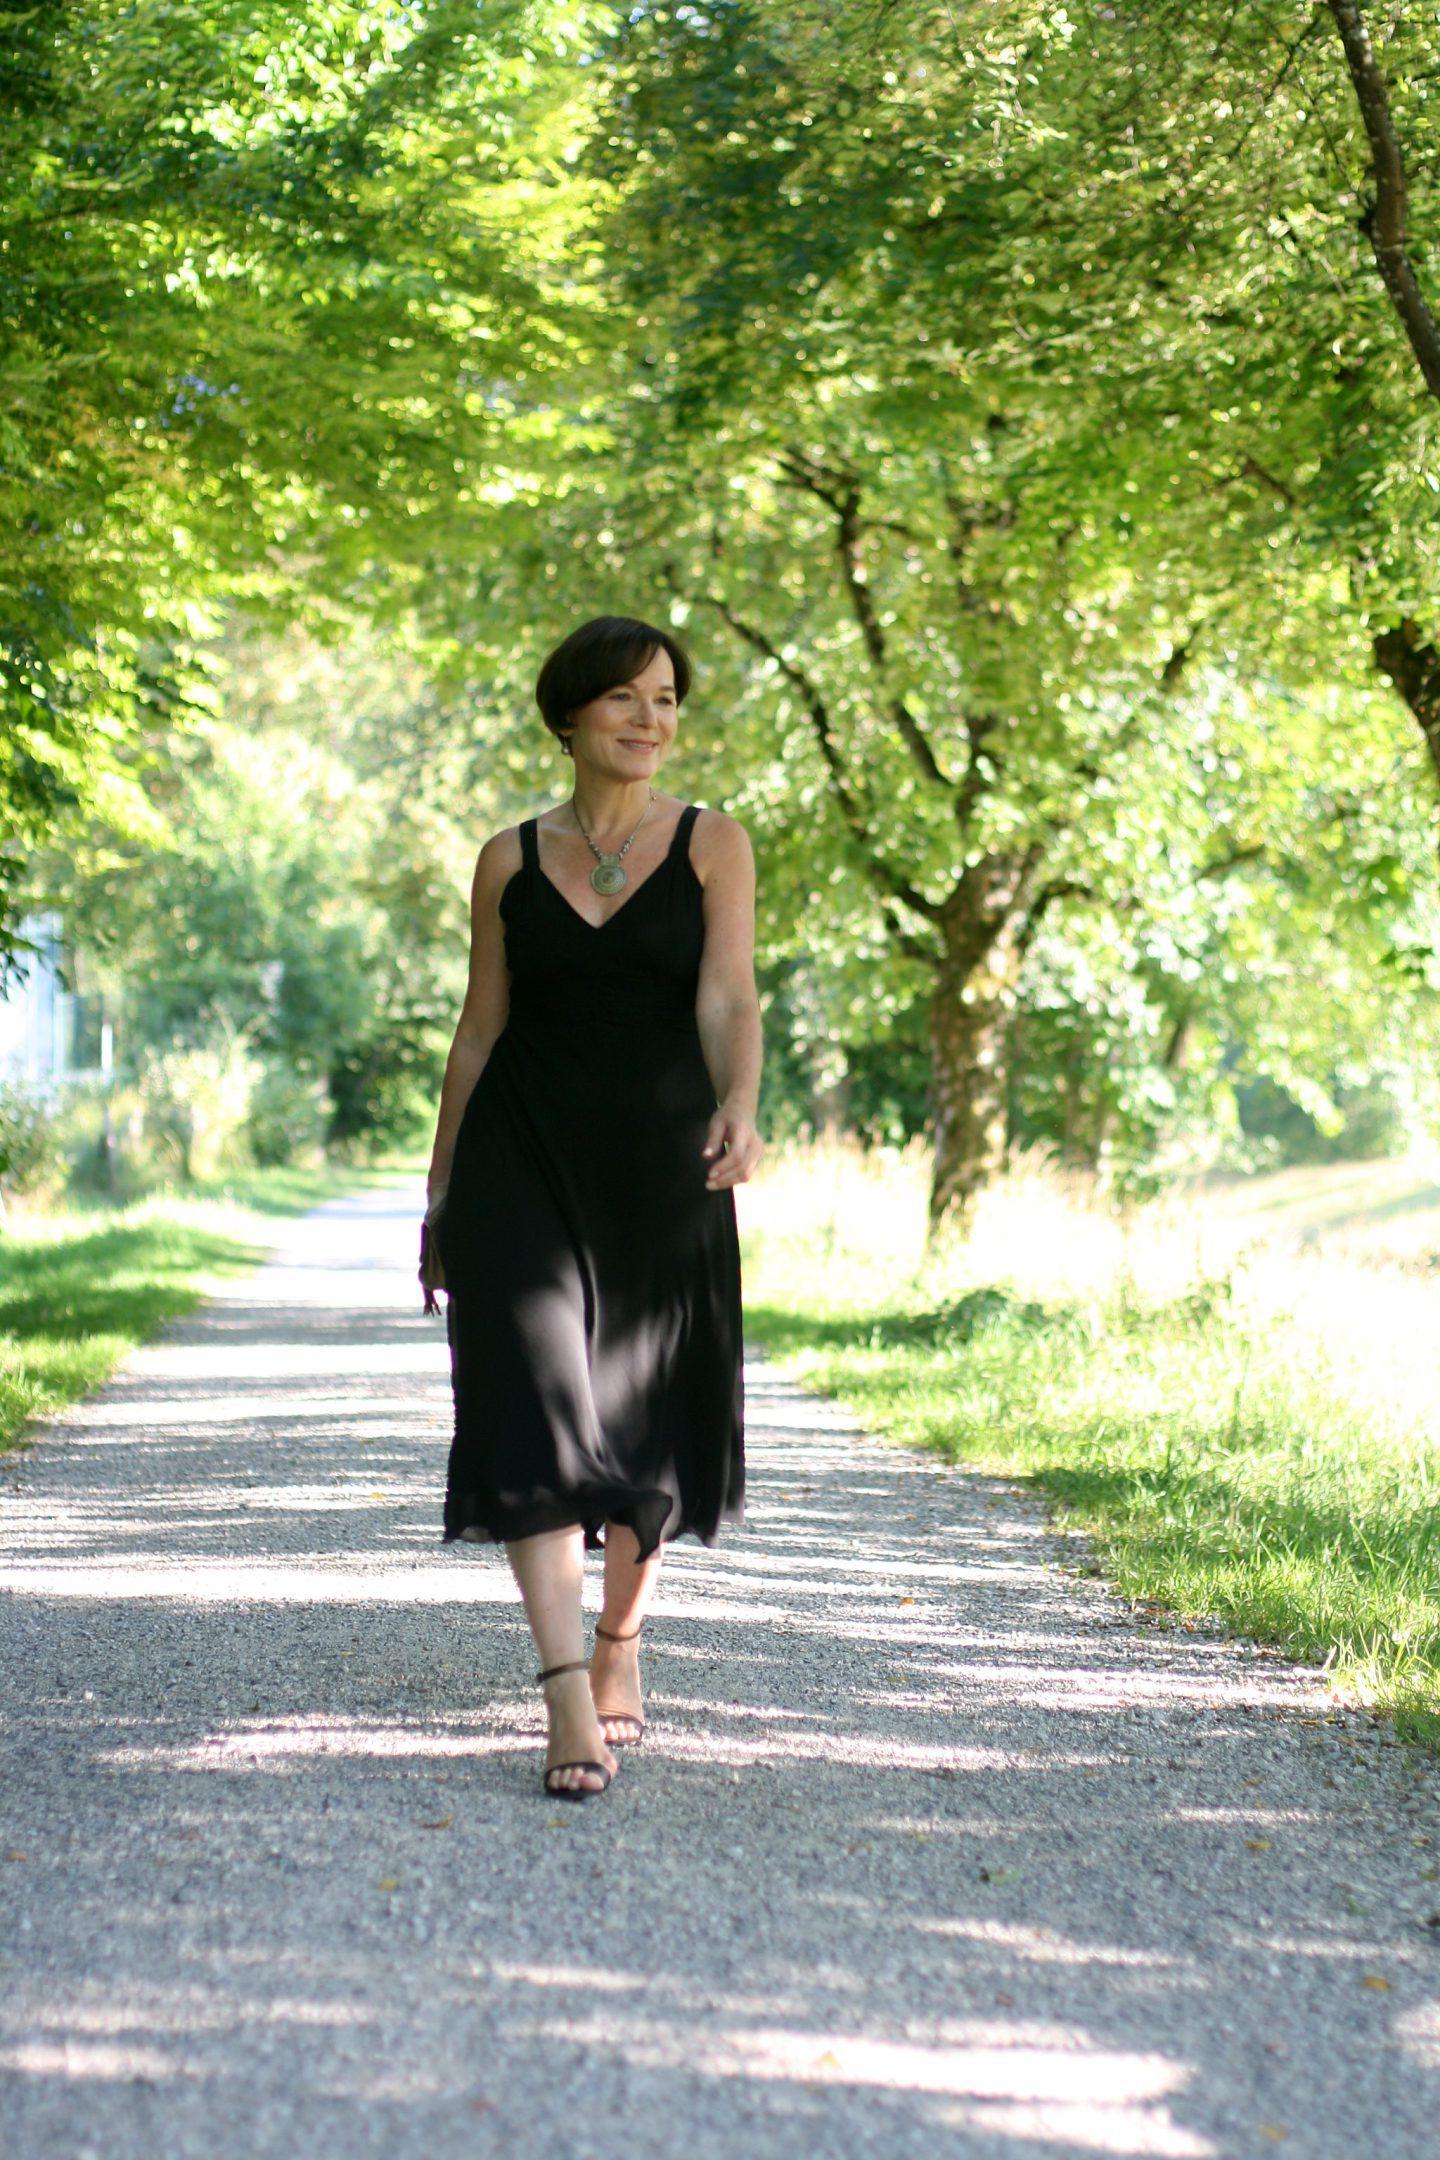 Schwarzes, rückenfreies Kleid und meine Erfahrung mit ...